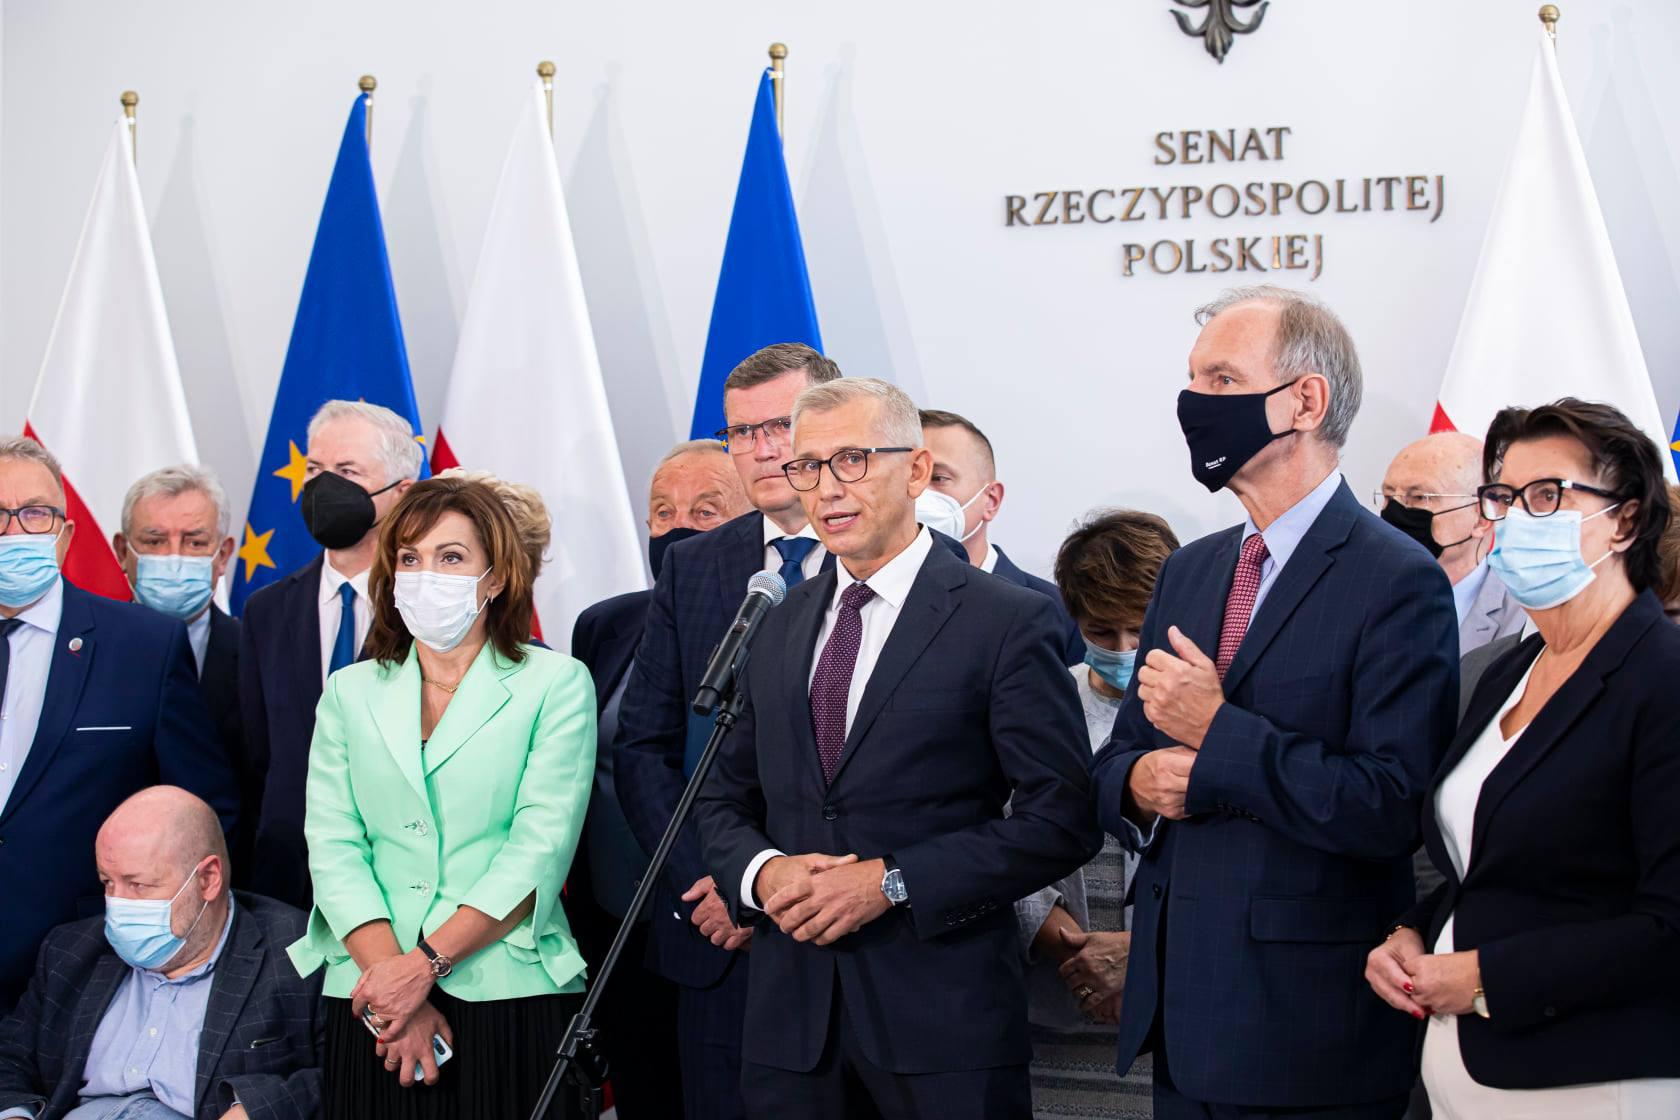 Oświadczenia senatorów w sprawie obecności Polski w Unii Europejskiej 4